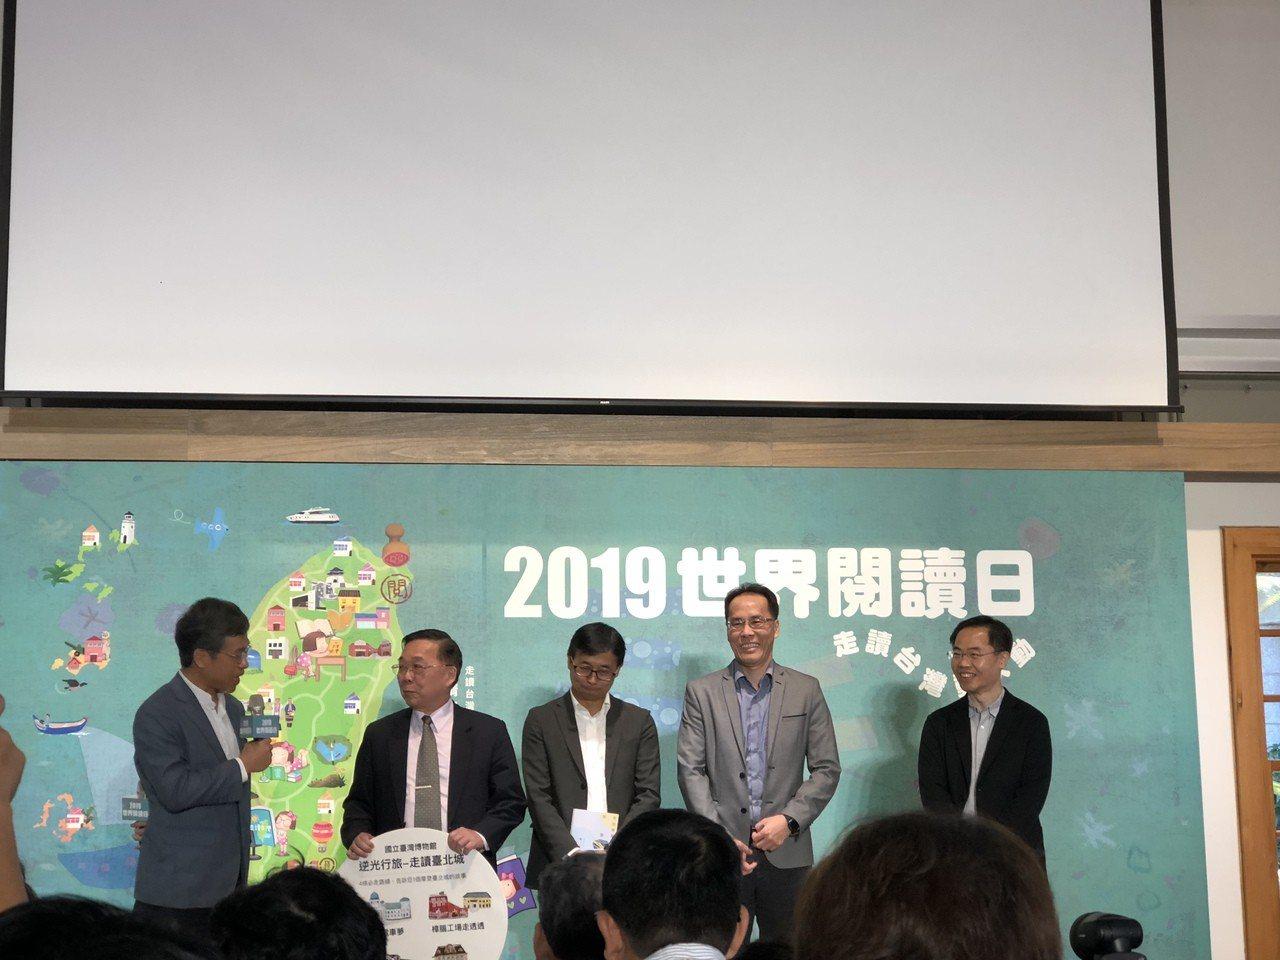 4月23日是世界閱讀日,文化部策畫年度主題「走讀台灣」,今開記者會。記者何定照/...